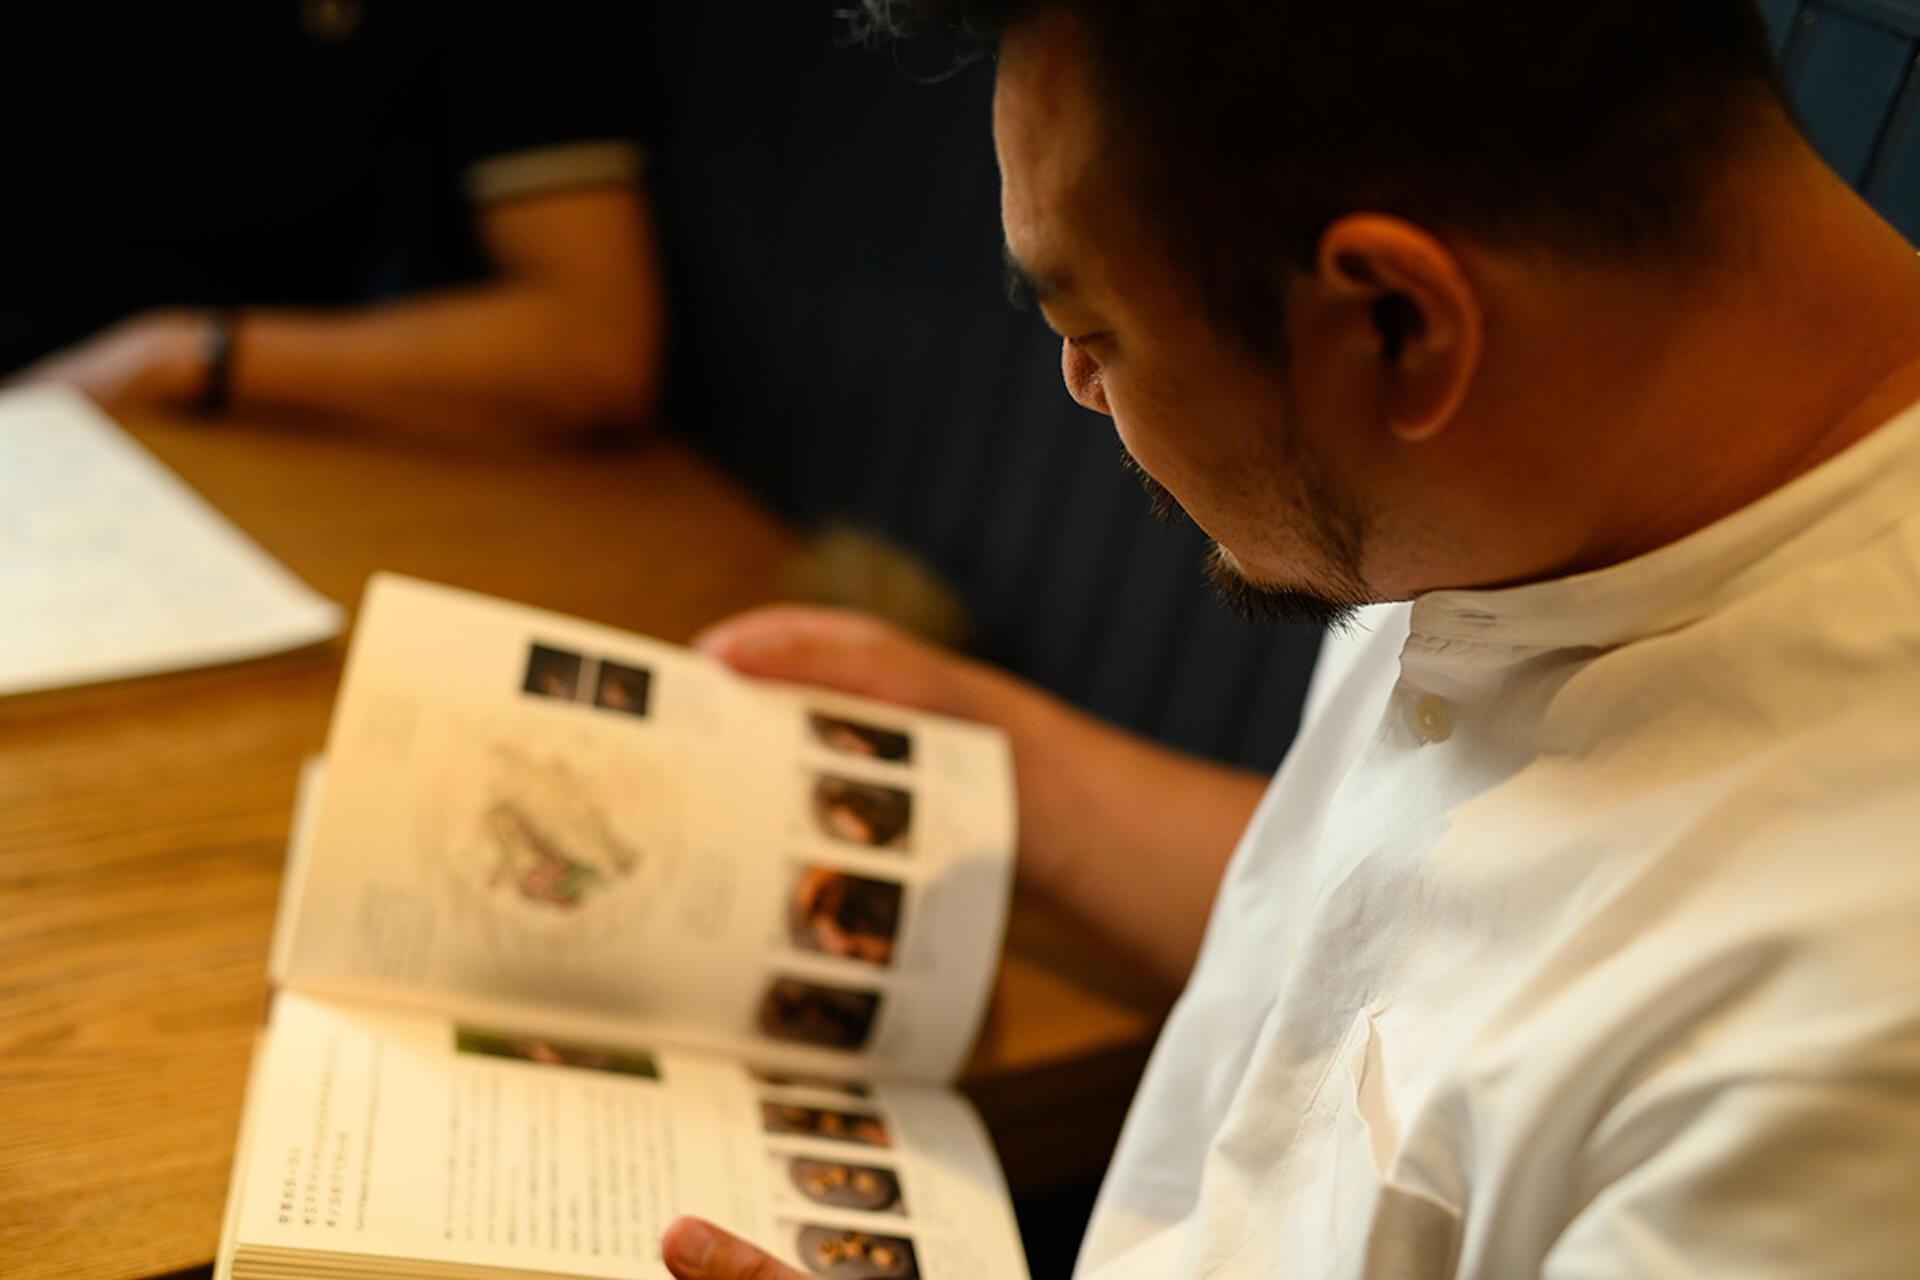 代々木上原の人気レストラン『sio』のオーナーシェフ鳥羽周作氏が語る、料理業界にかける熱い思い gourmet201119_mondoalfa_sio_8